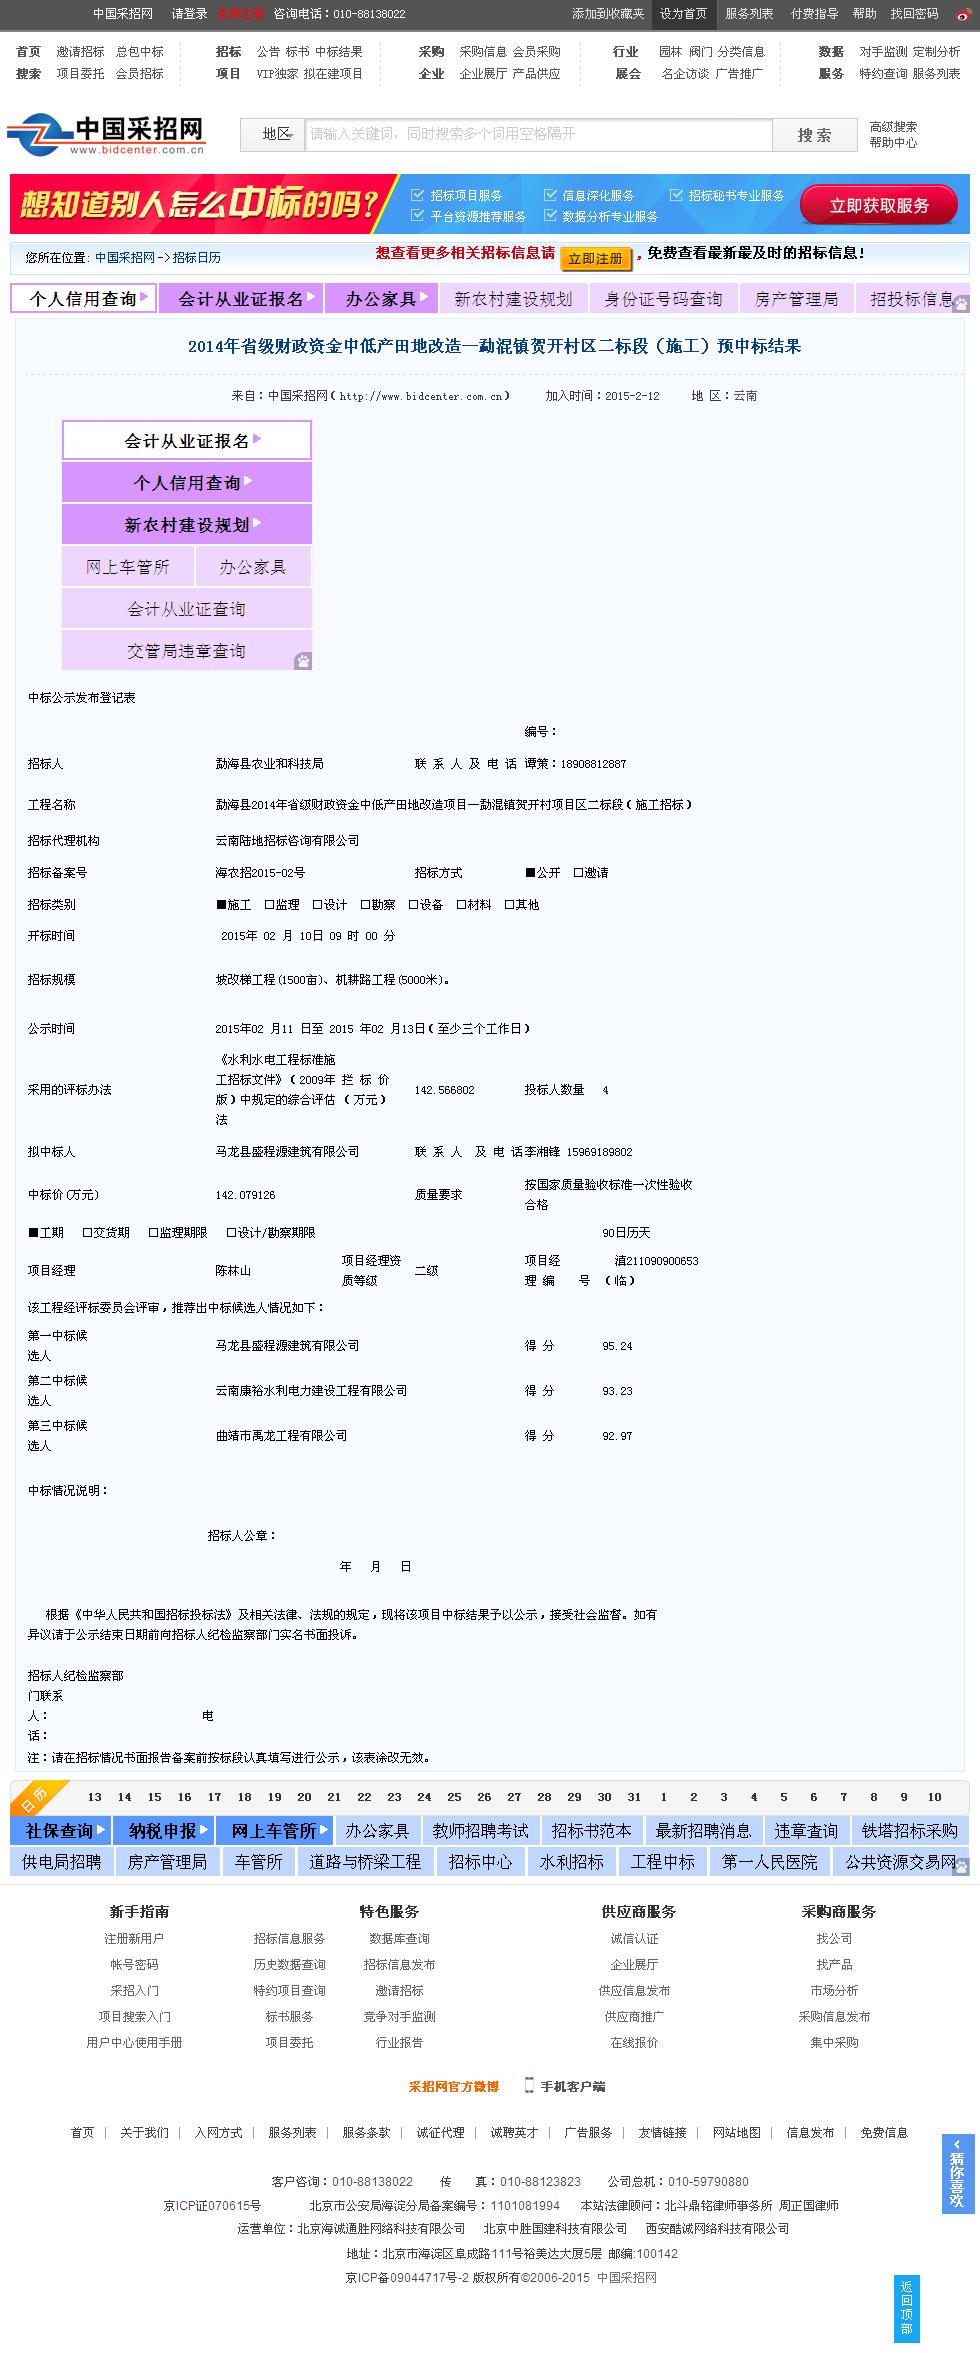 程源文明歌简谱